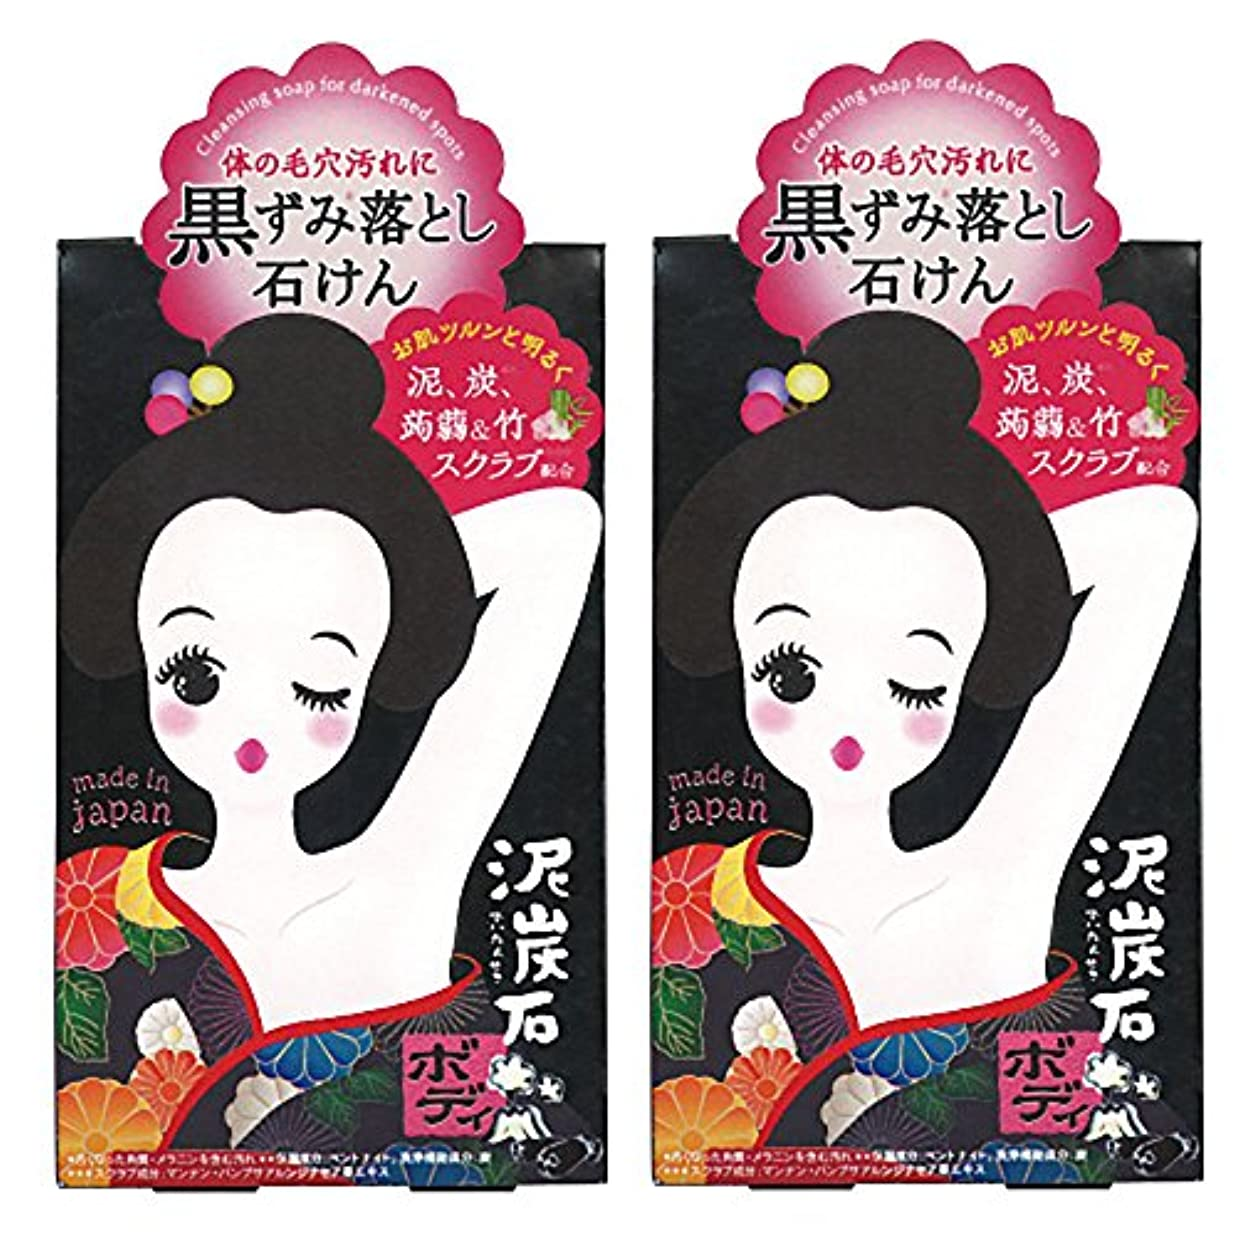 レビュー豆腐準備した泥炭石 ボディスクラブ石鹸 100g×2個 ペリカン石鹸